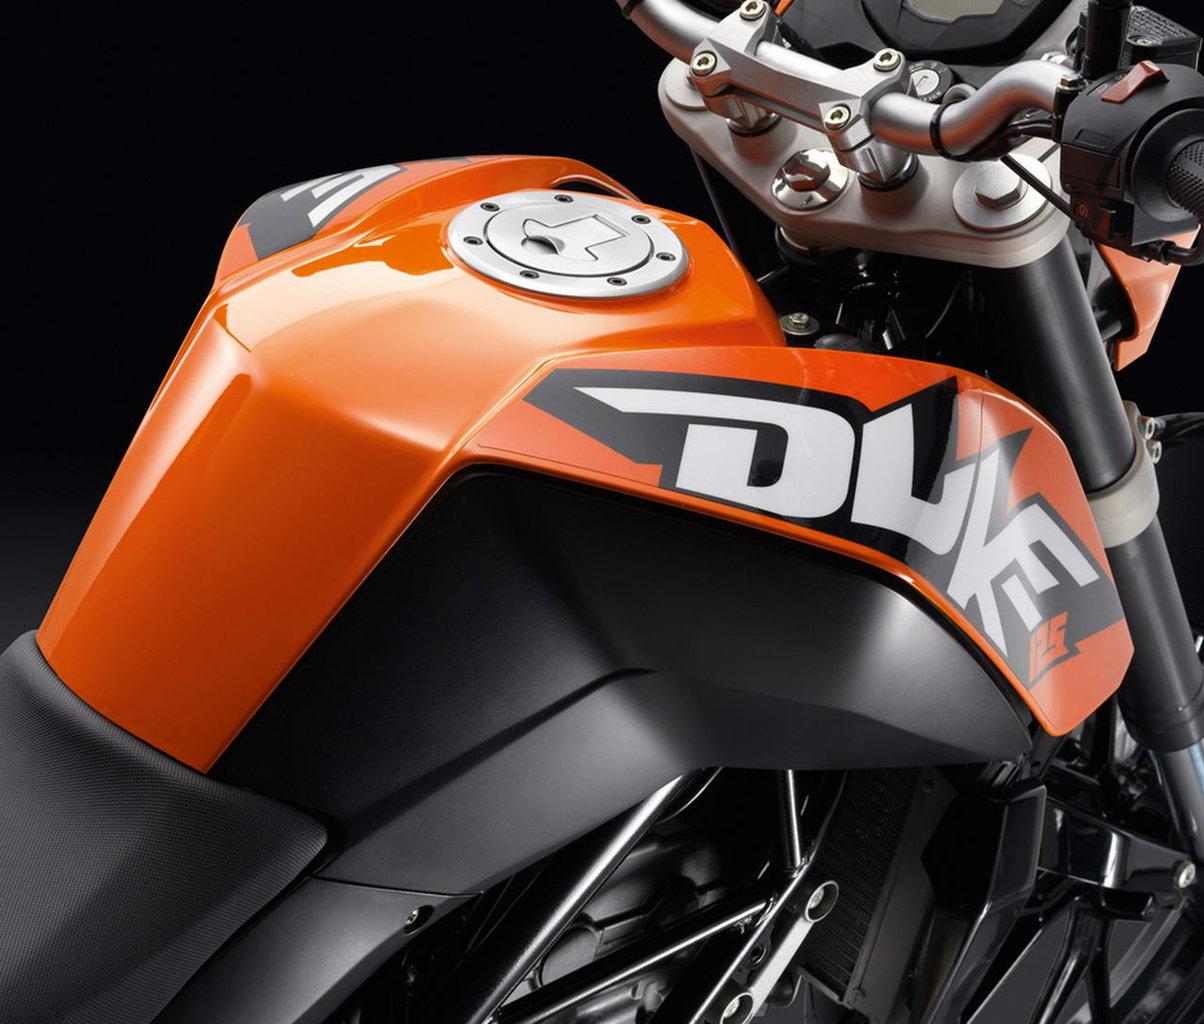 Listino Ktm Duke 125 Moto 50 e 125 - image 14792_ktm-duke125 on https://moto.motori.net